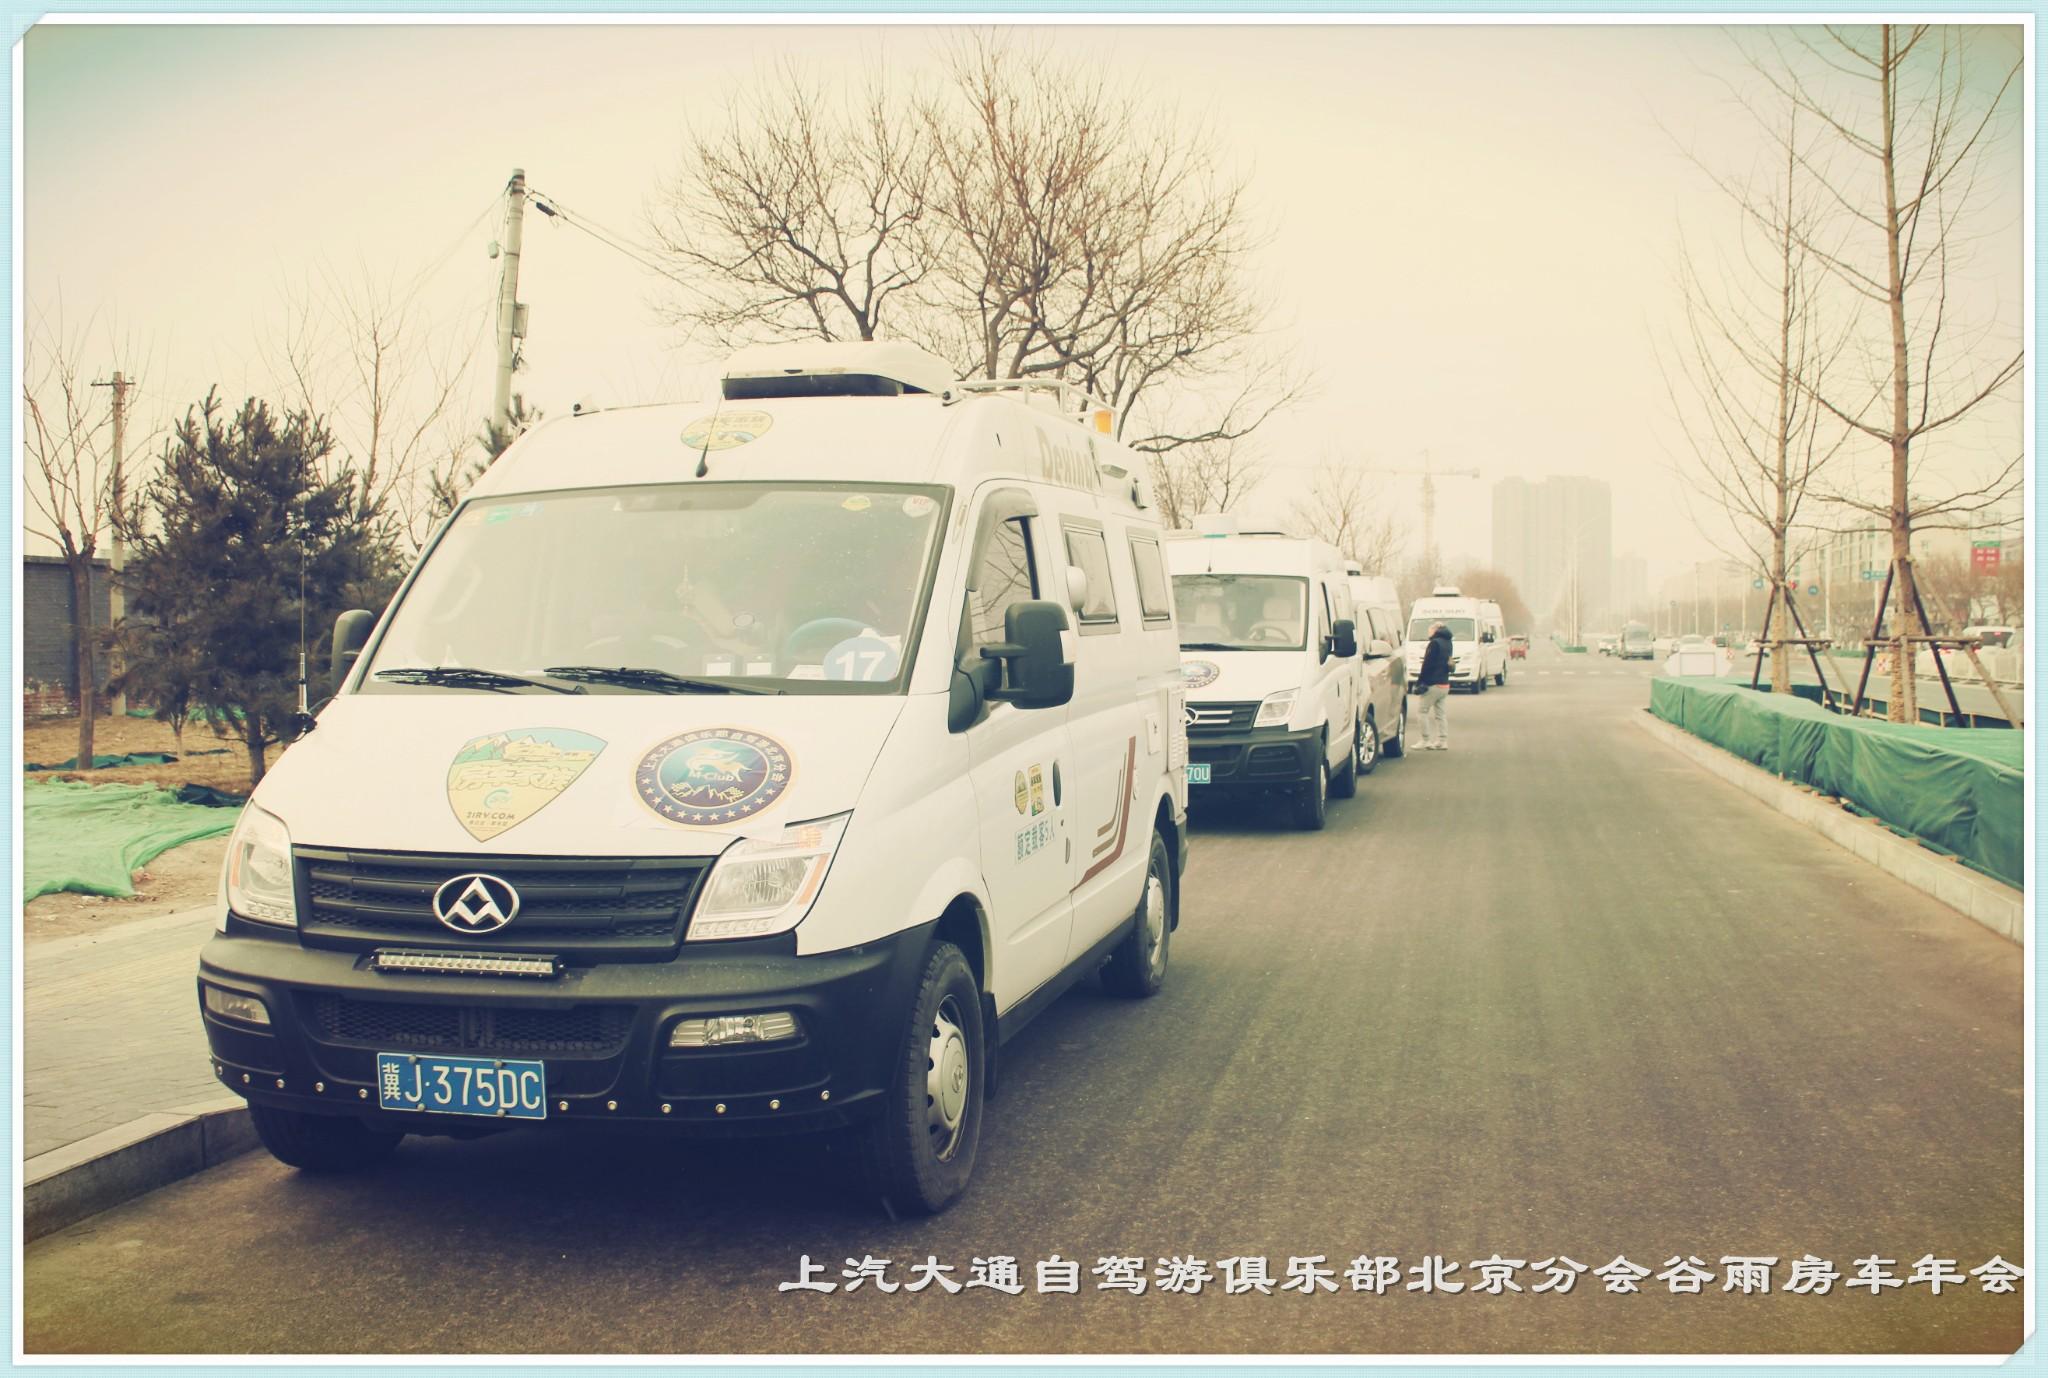 北京宋庄来一场文化友谊之旅—